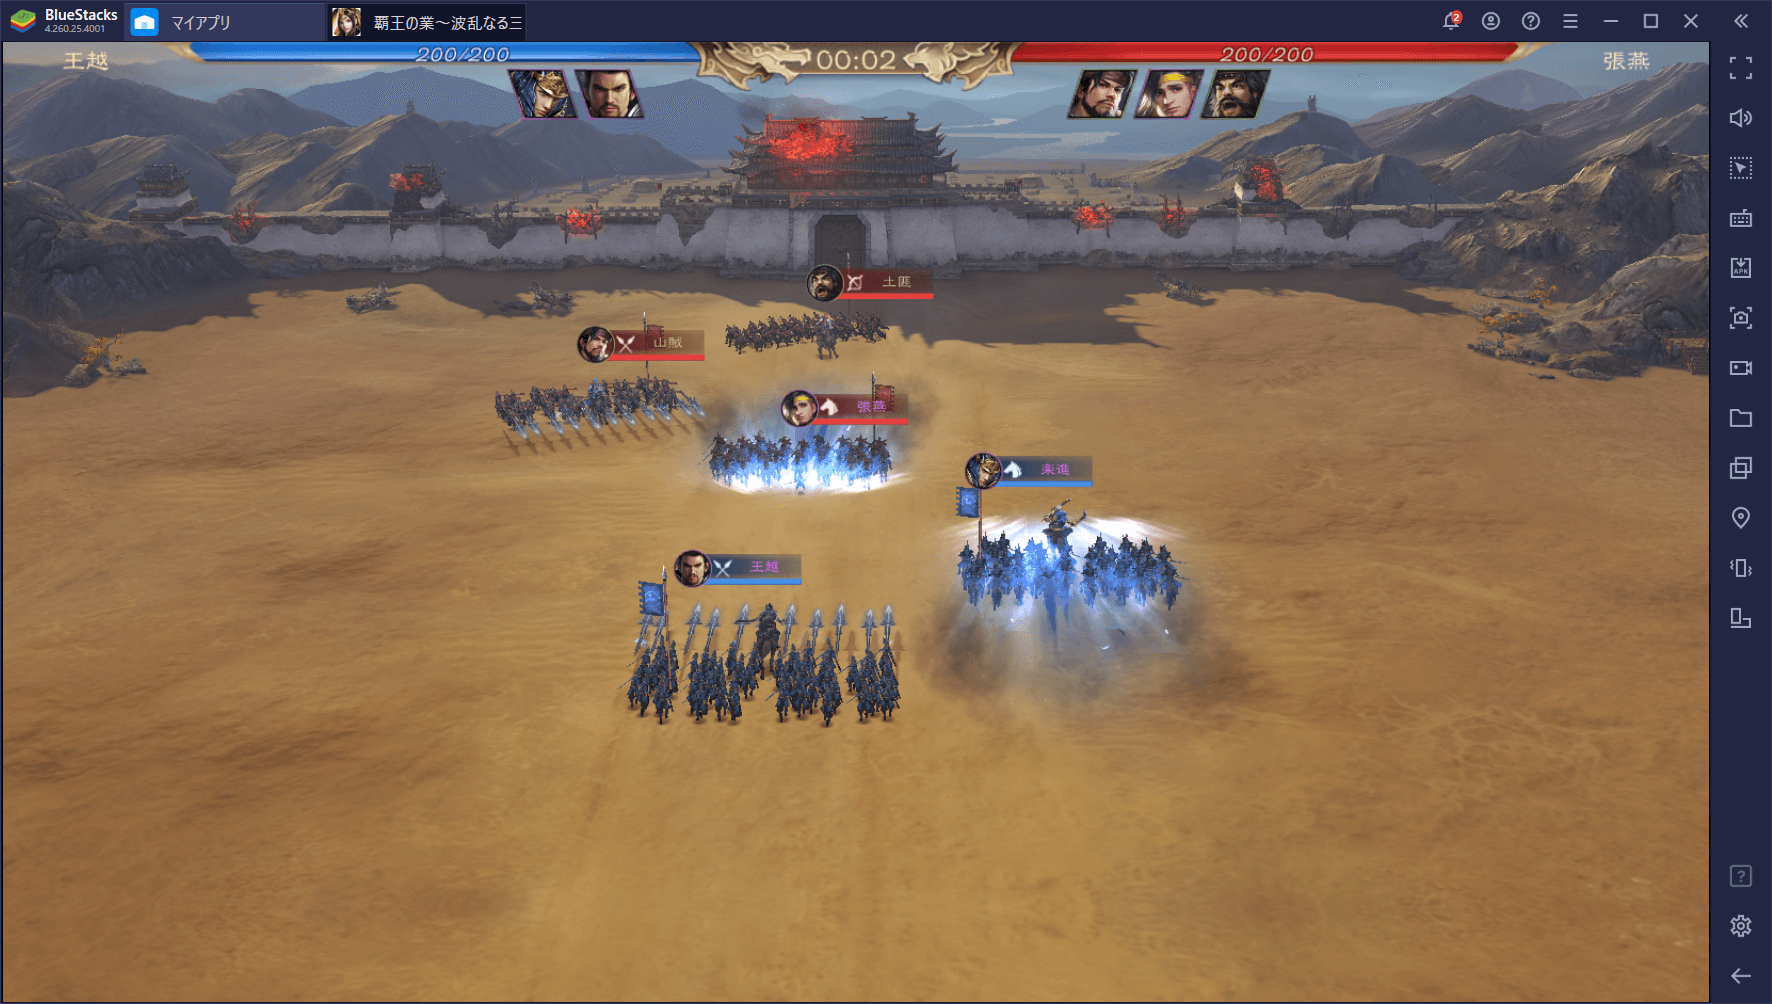 BlueStacksを使ってPCで『覇王の業~波乱なる三国志~』を遊ぼう